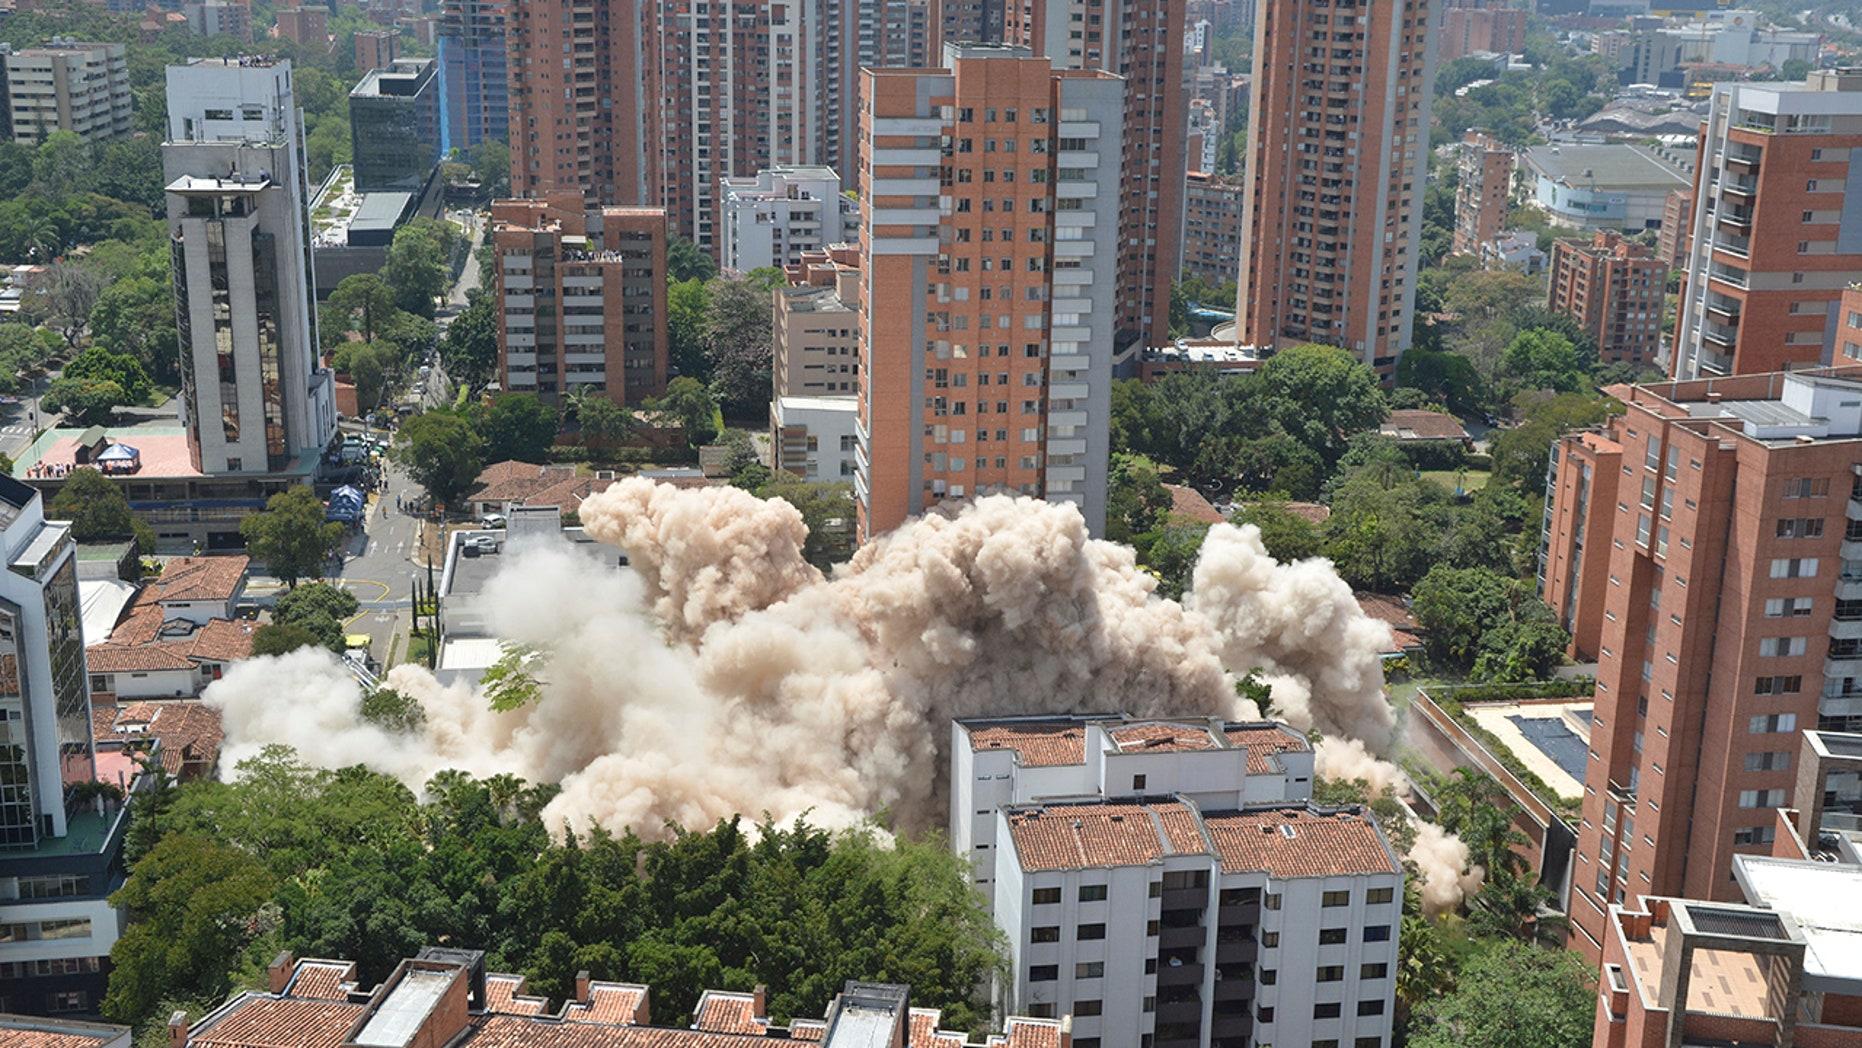 Medellin razes Pablo Escobar's home in symbol of rebirth